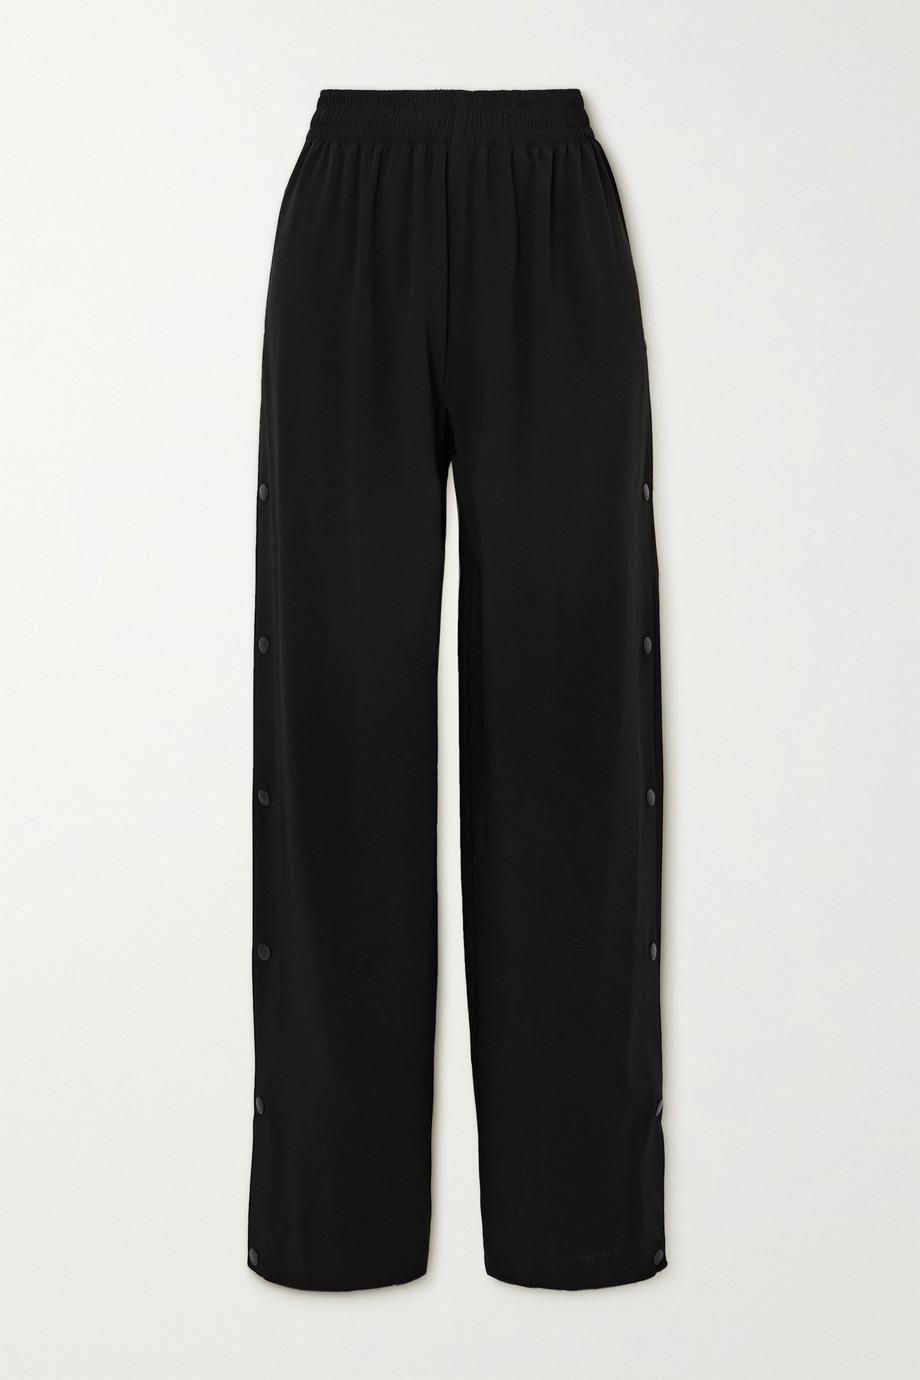 Balenciaga Crepe track pants